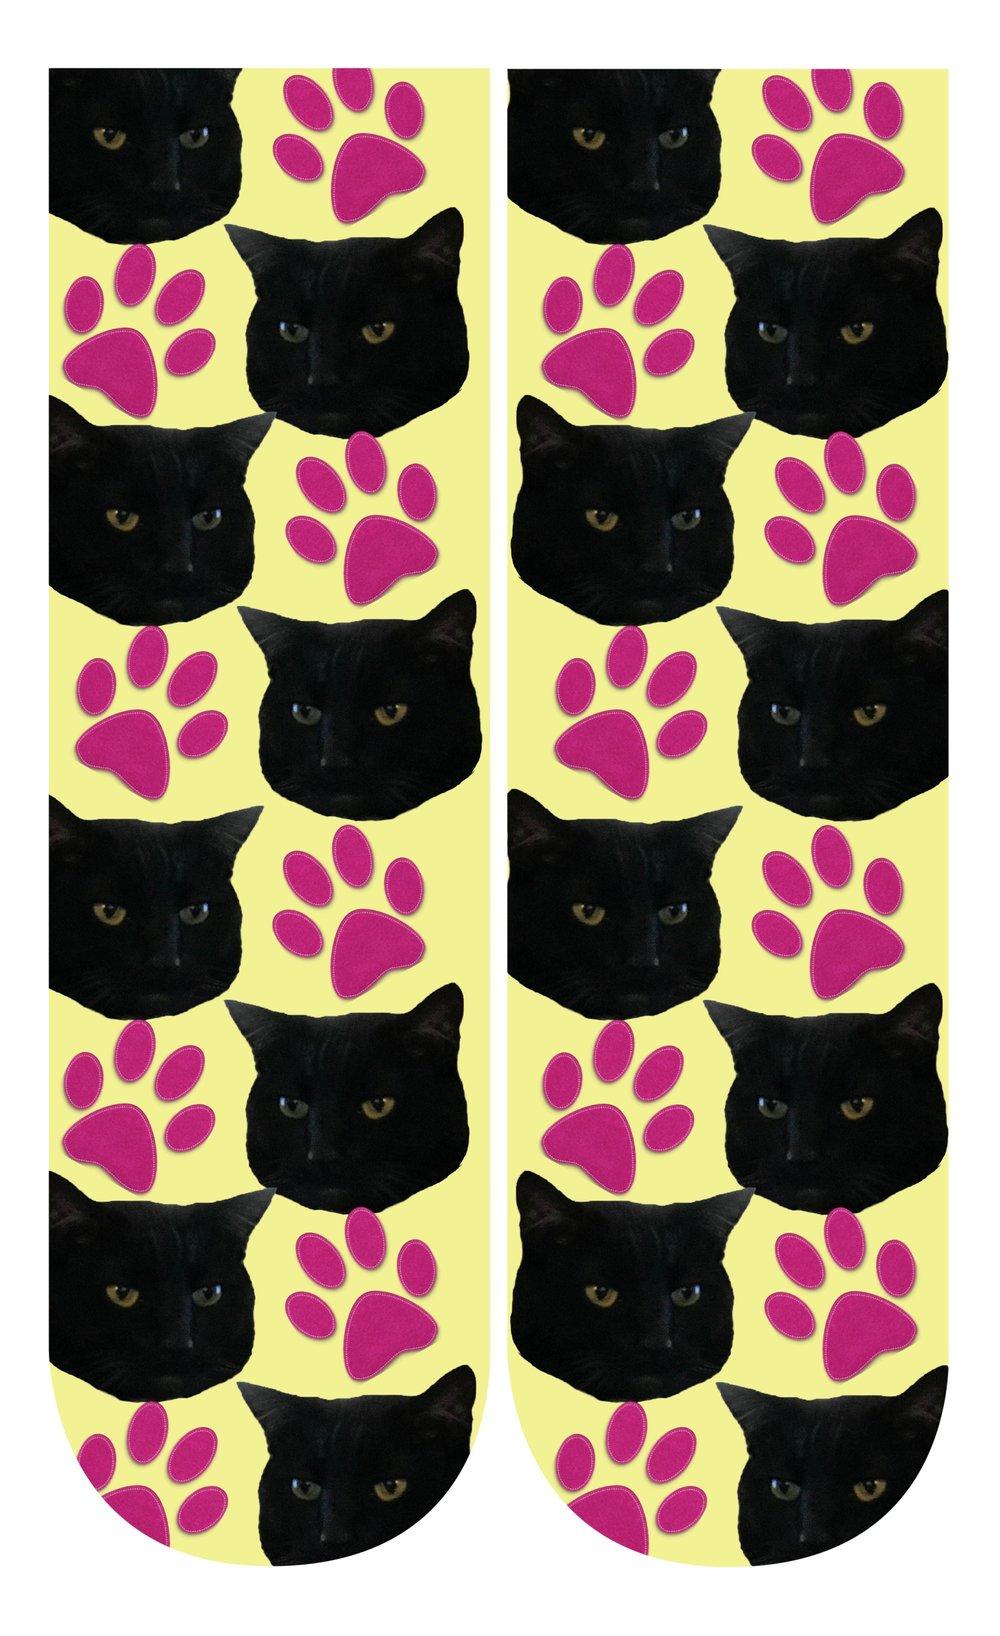 catsocks.jpg